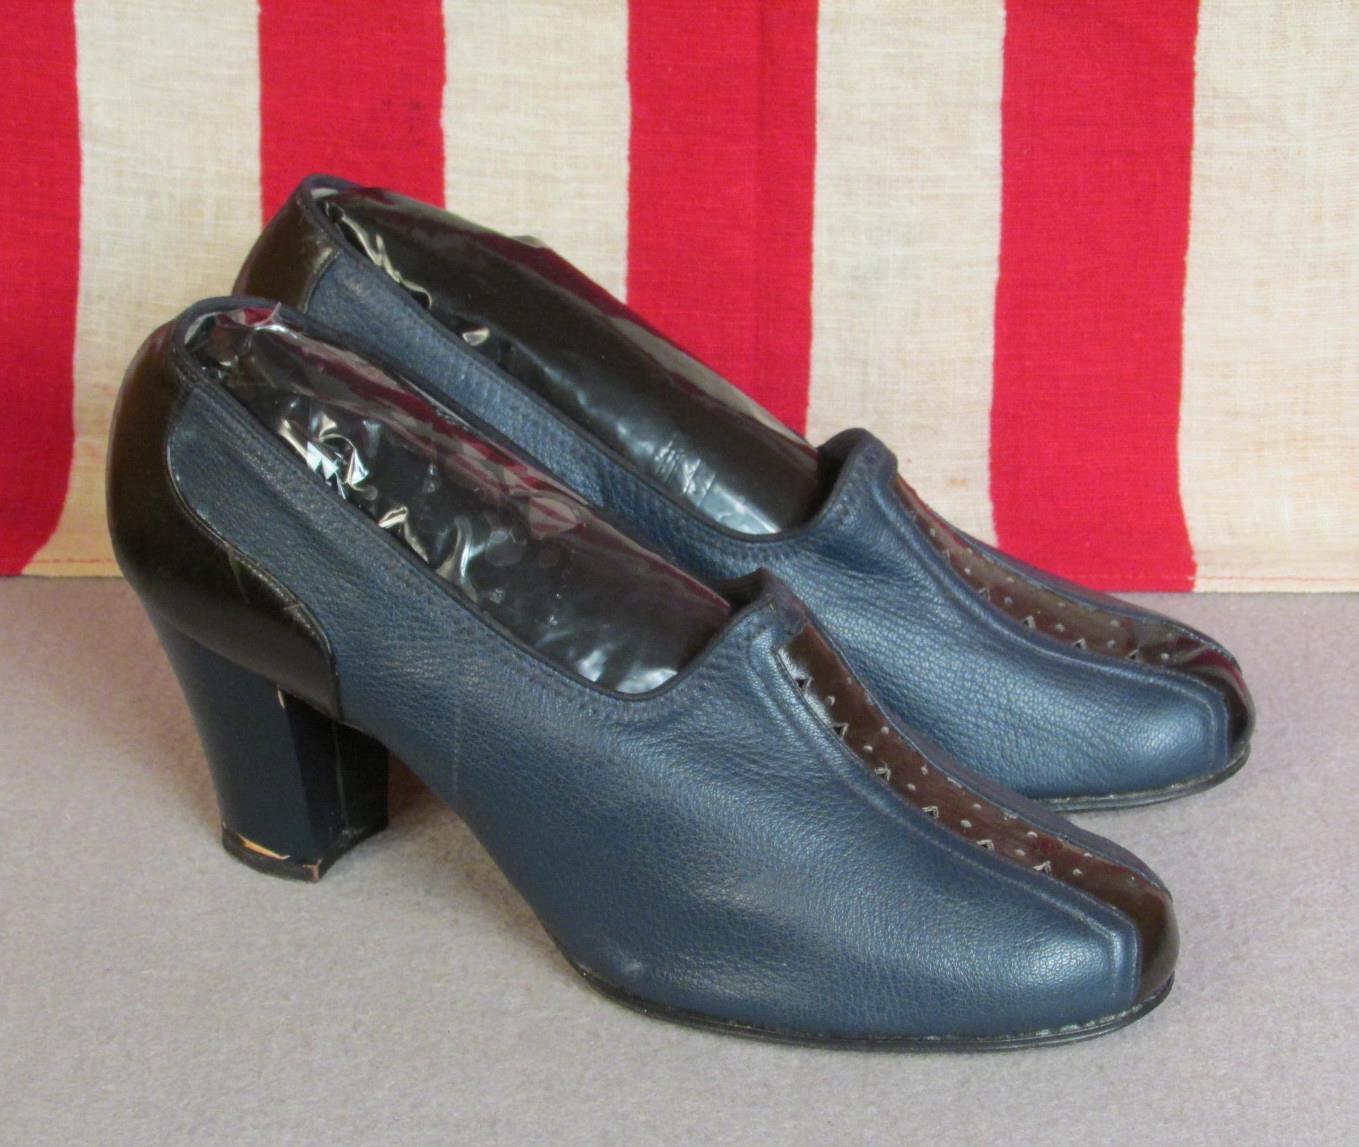 fa19eaeaba90e Details about Vintage 1940s Blue & Black Leather Heels Womens Shoes Pumps  9